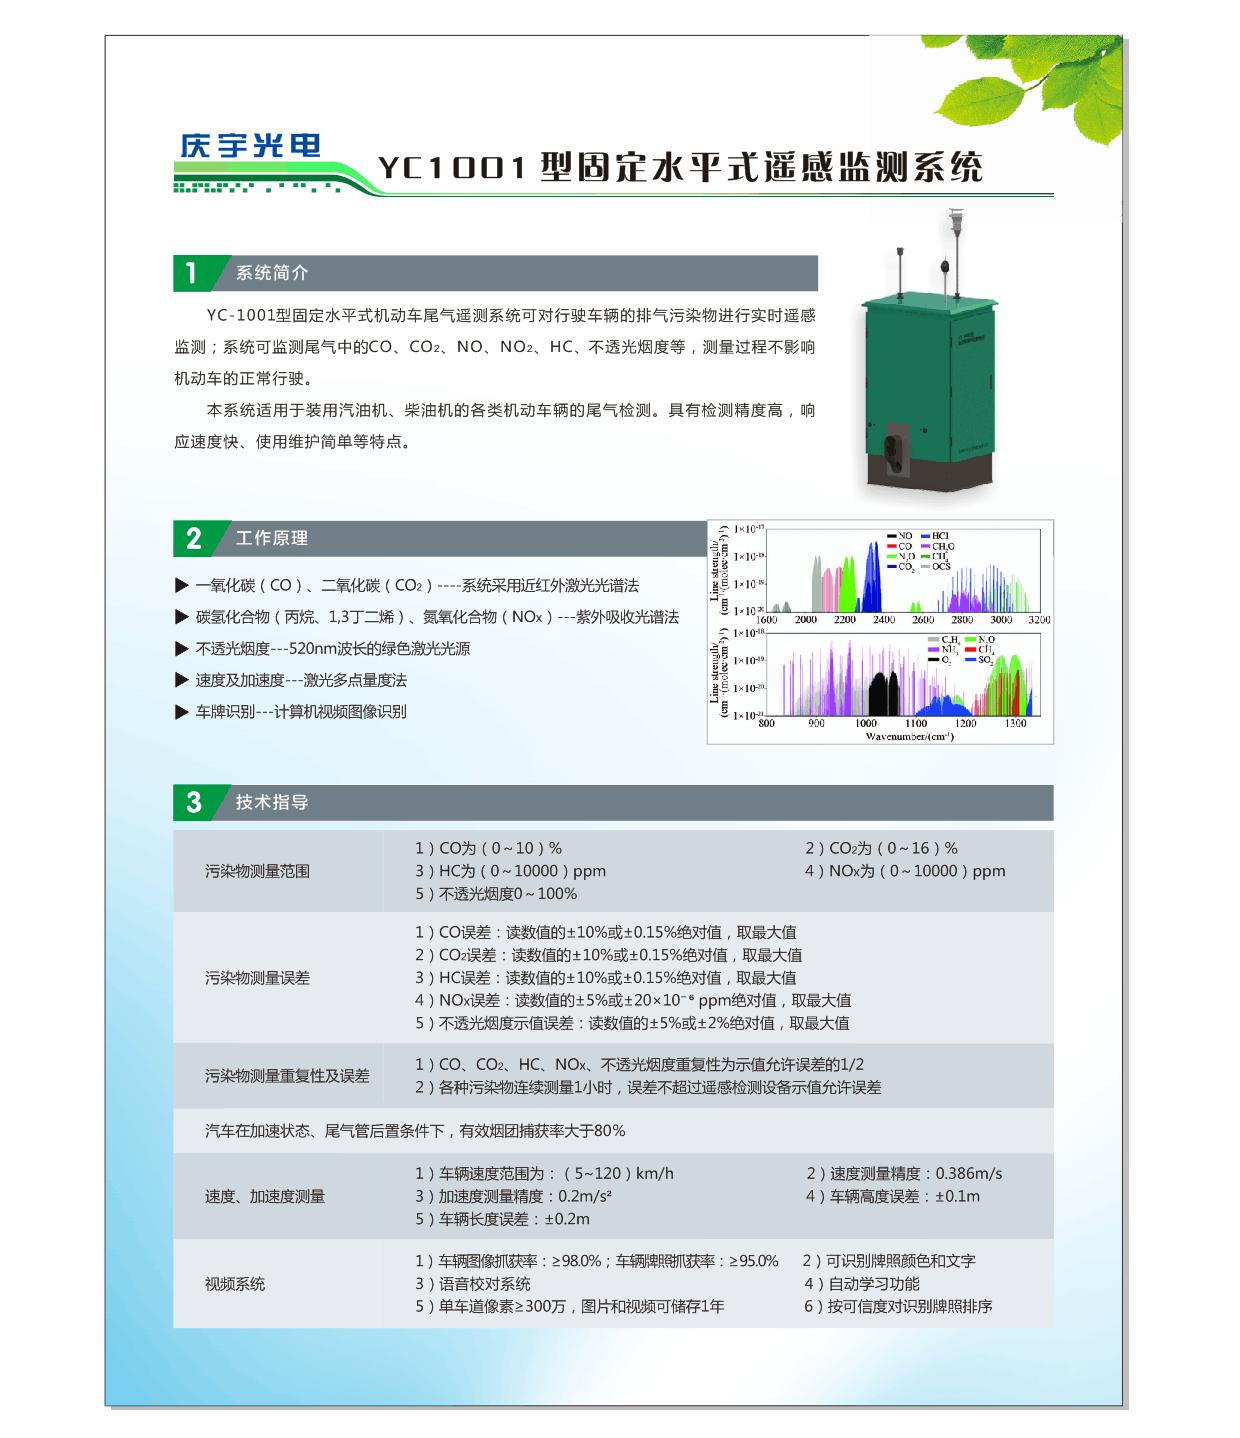 YC1001型固定式水平式尾氣遙感監測系統